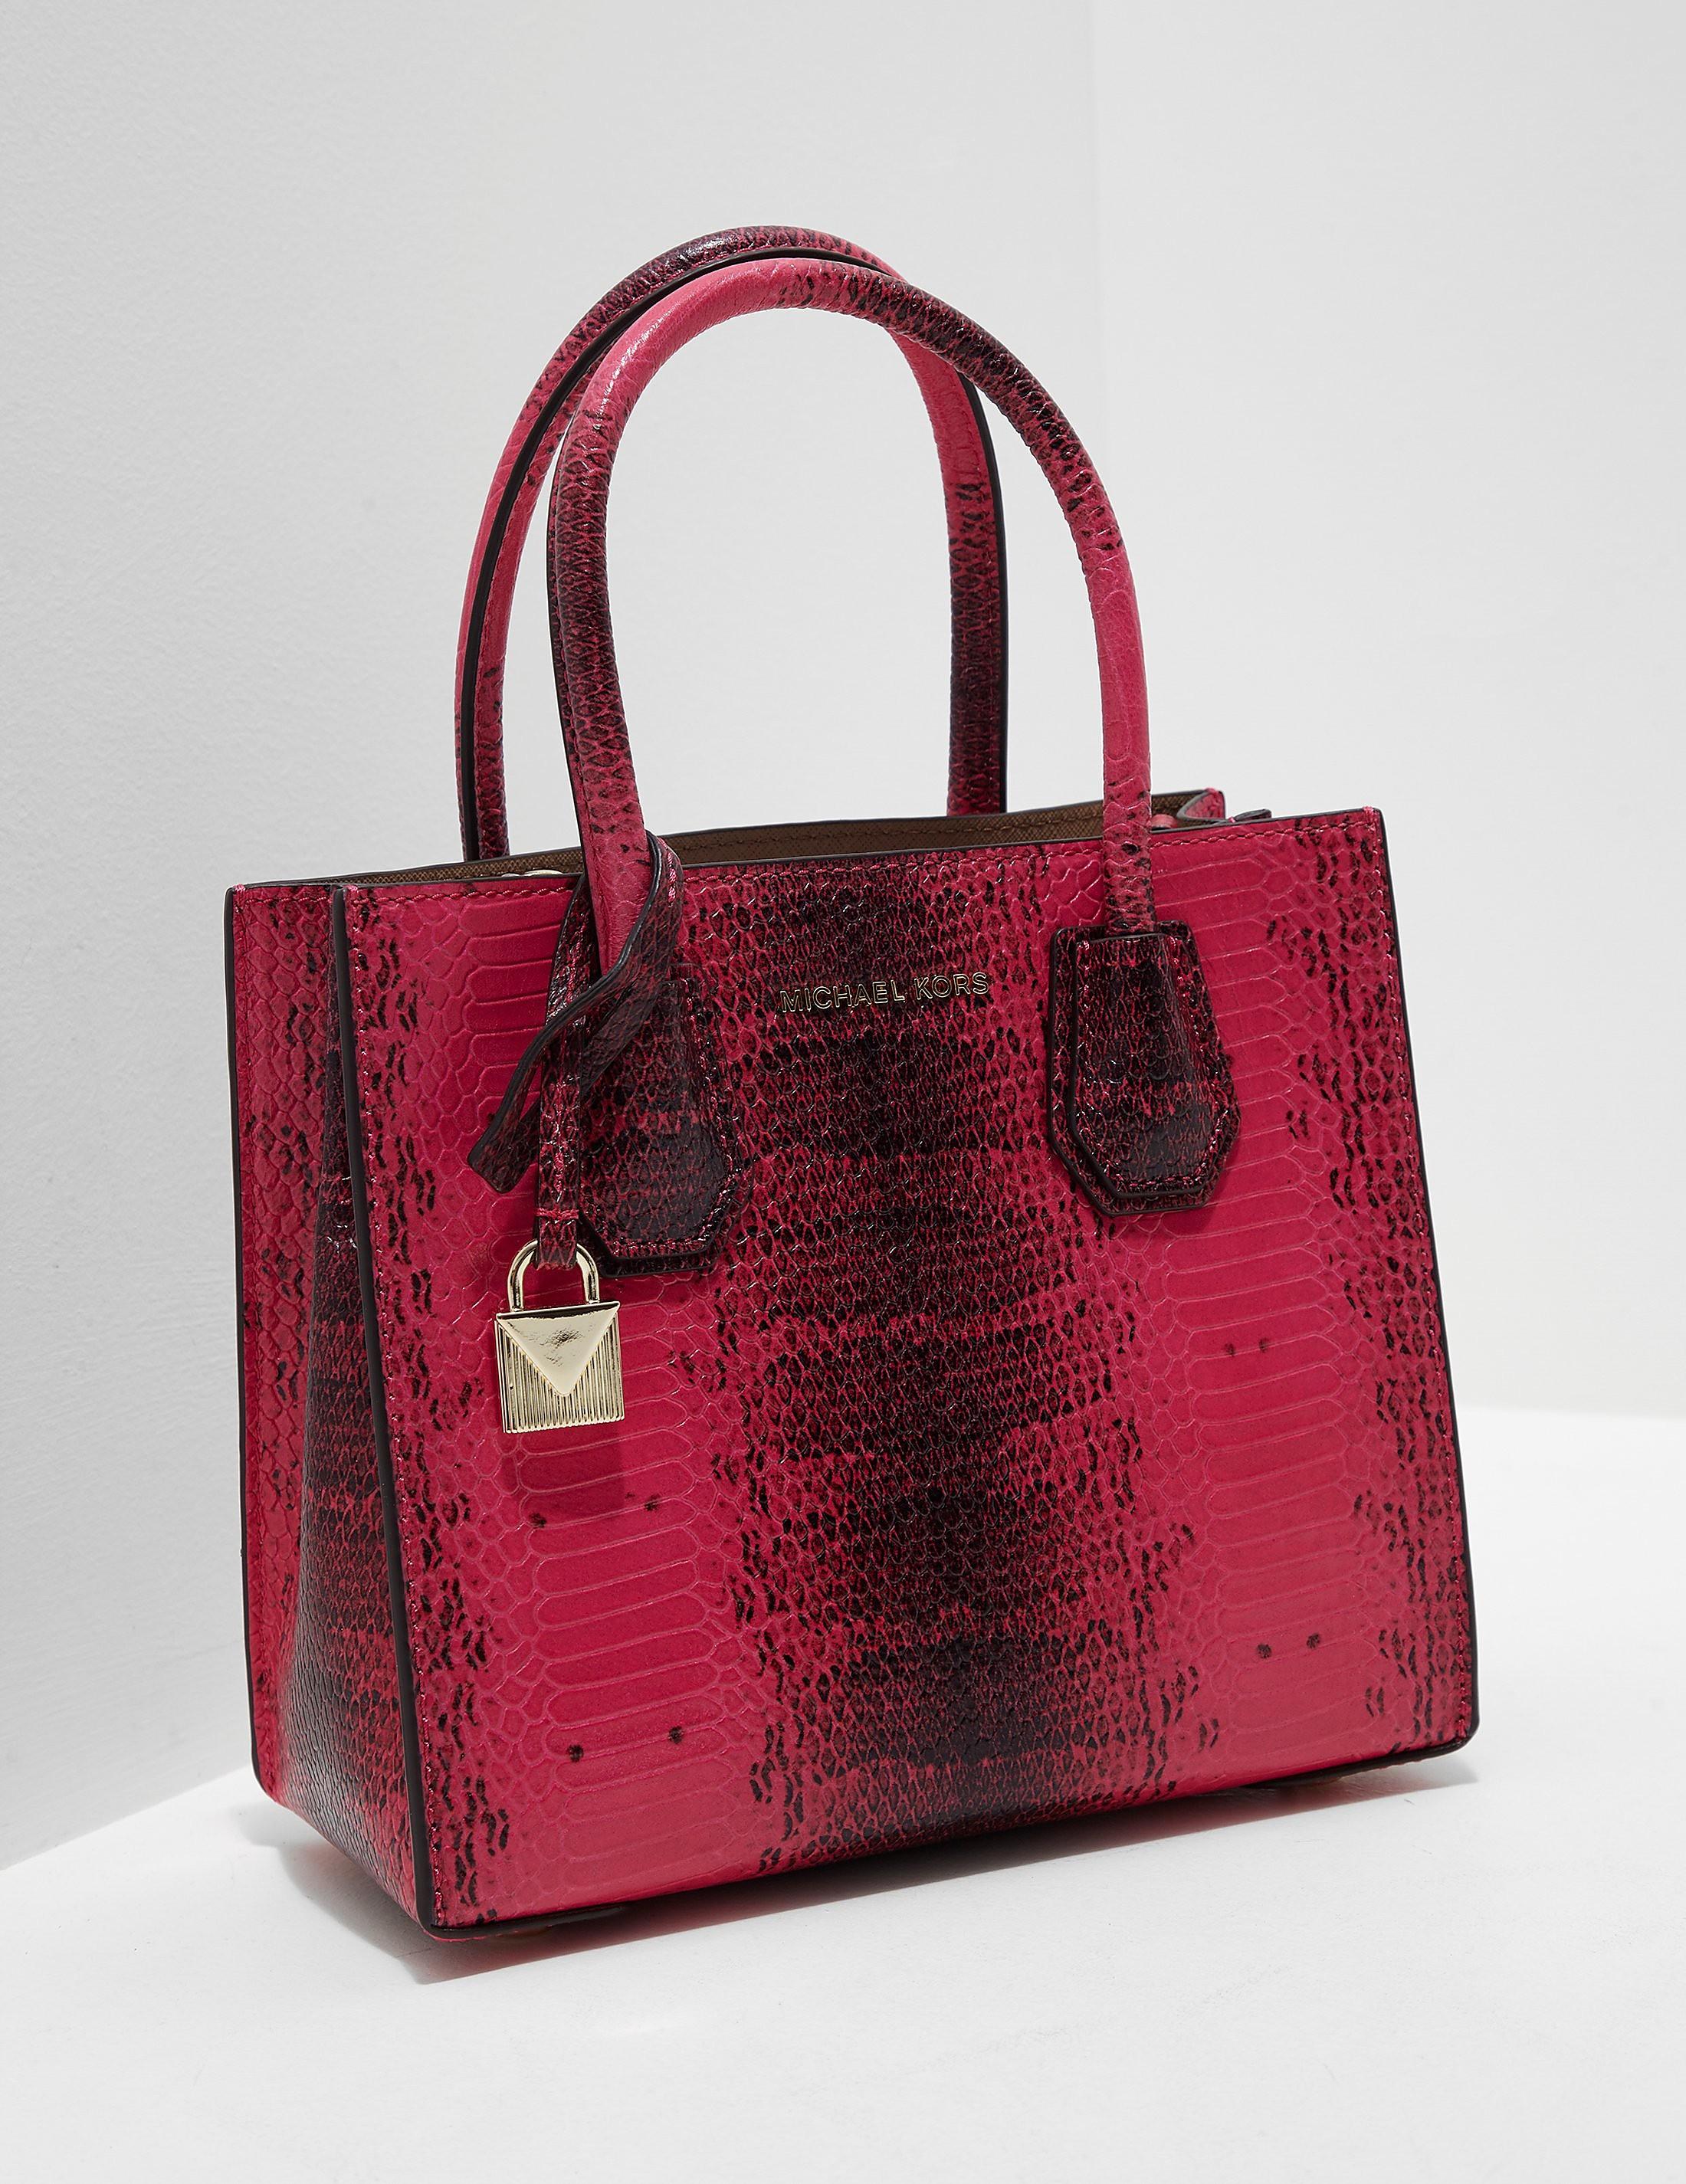 Michael Kors Mercer Messenger Bag - Online Exclusive